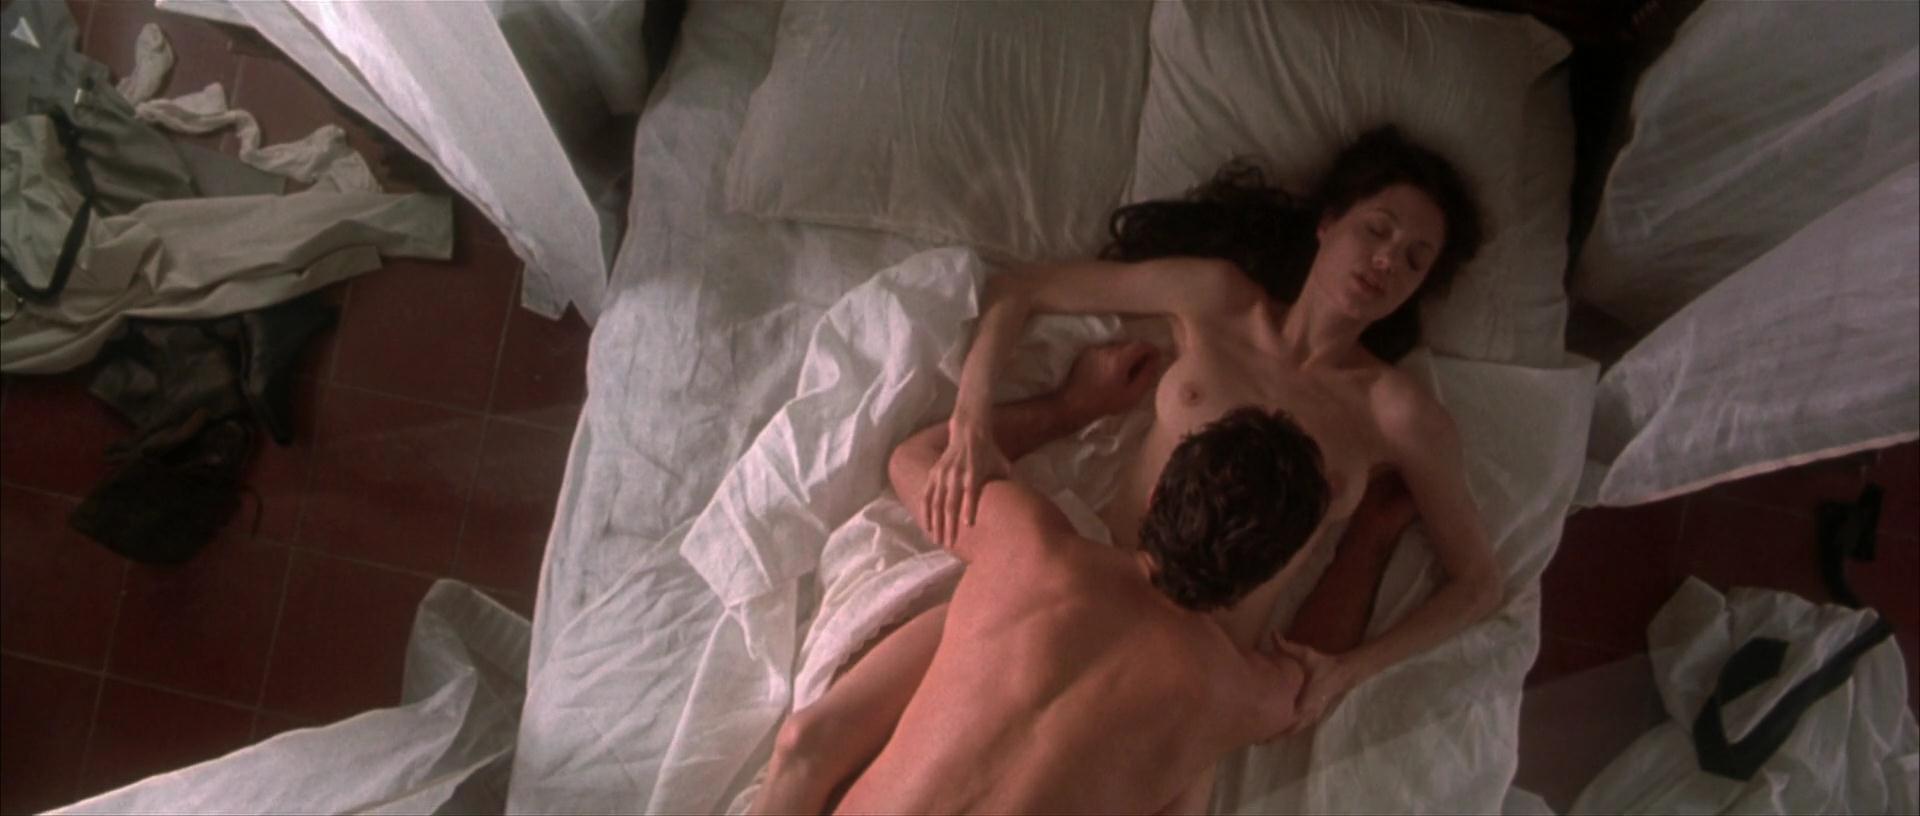 Angelina Jolie Nude Pictu...